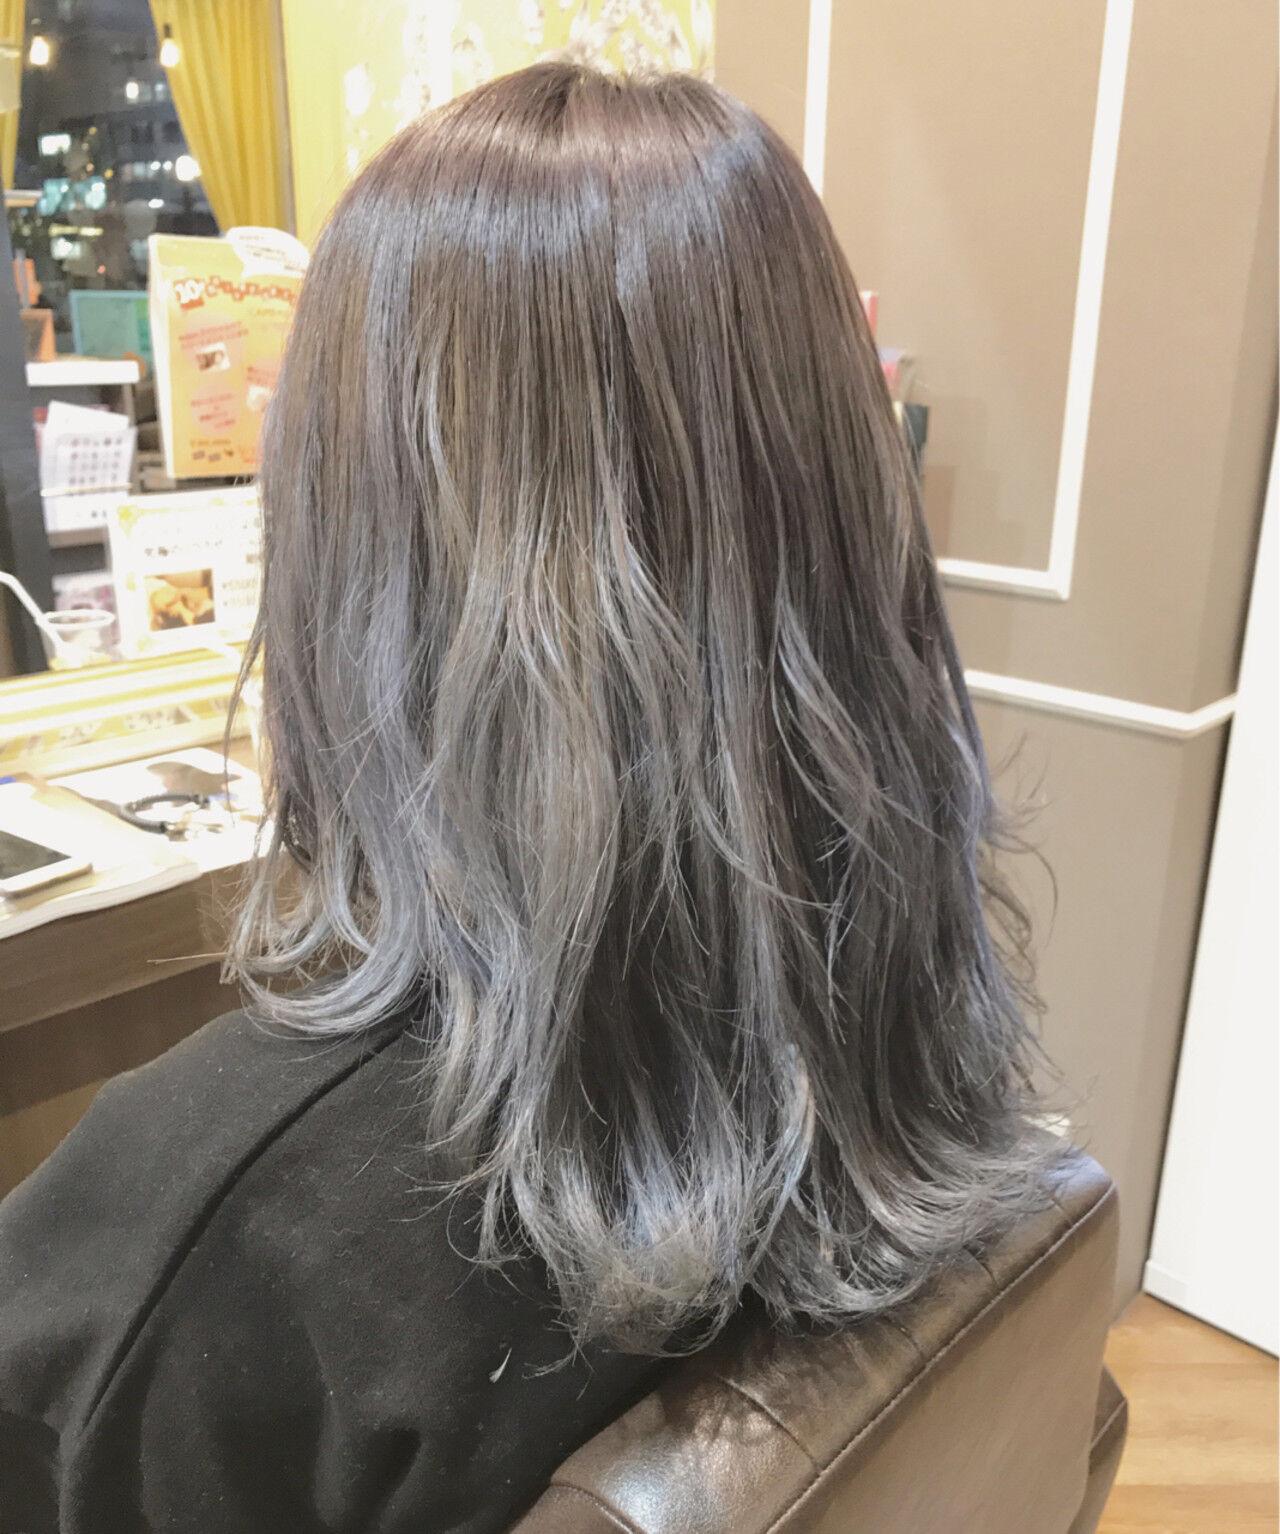 セミロング 外国人風カラー アッシュ ダブルカラーヘアスタイルや髪型の写真・画像